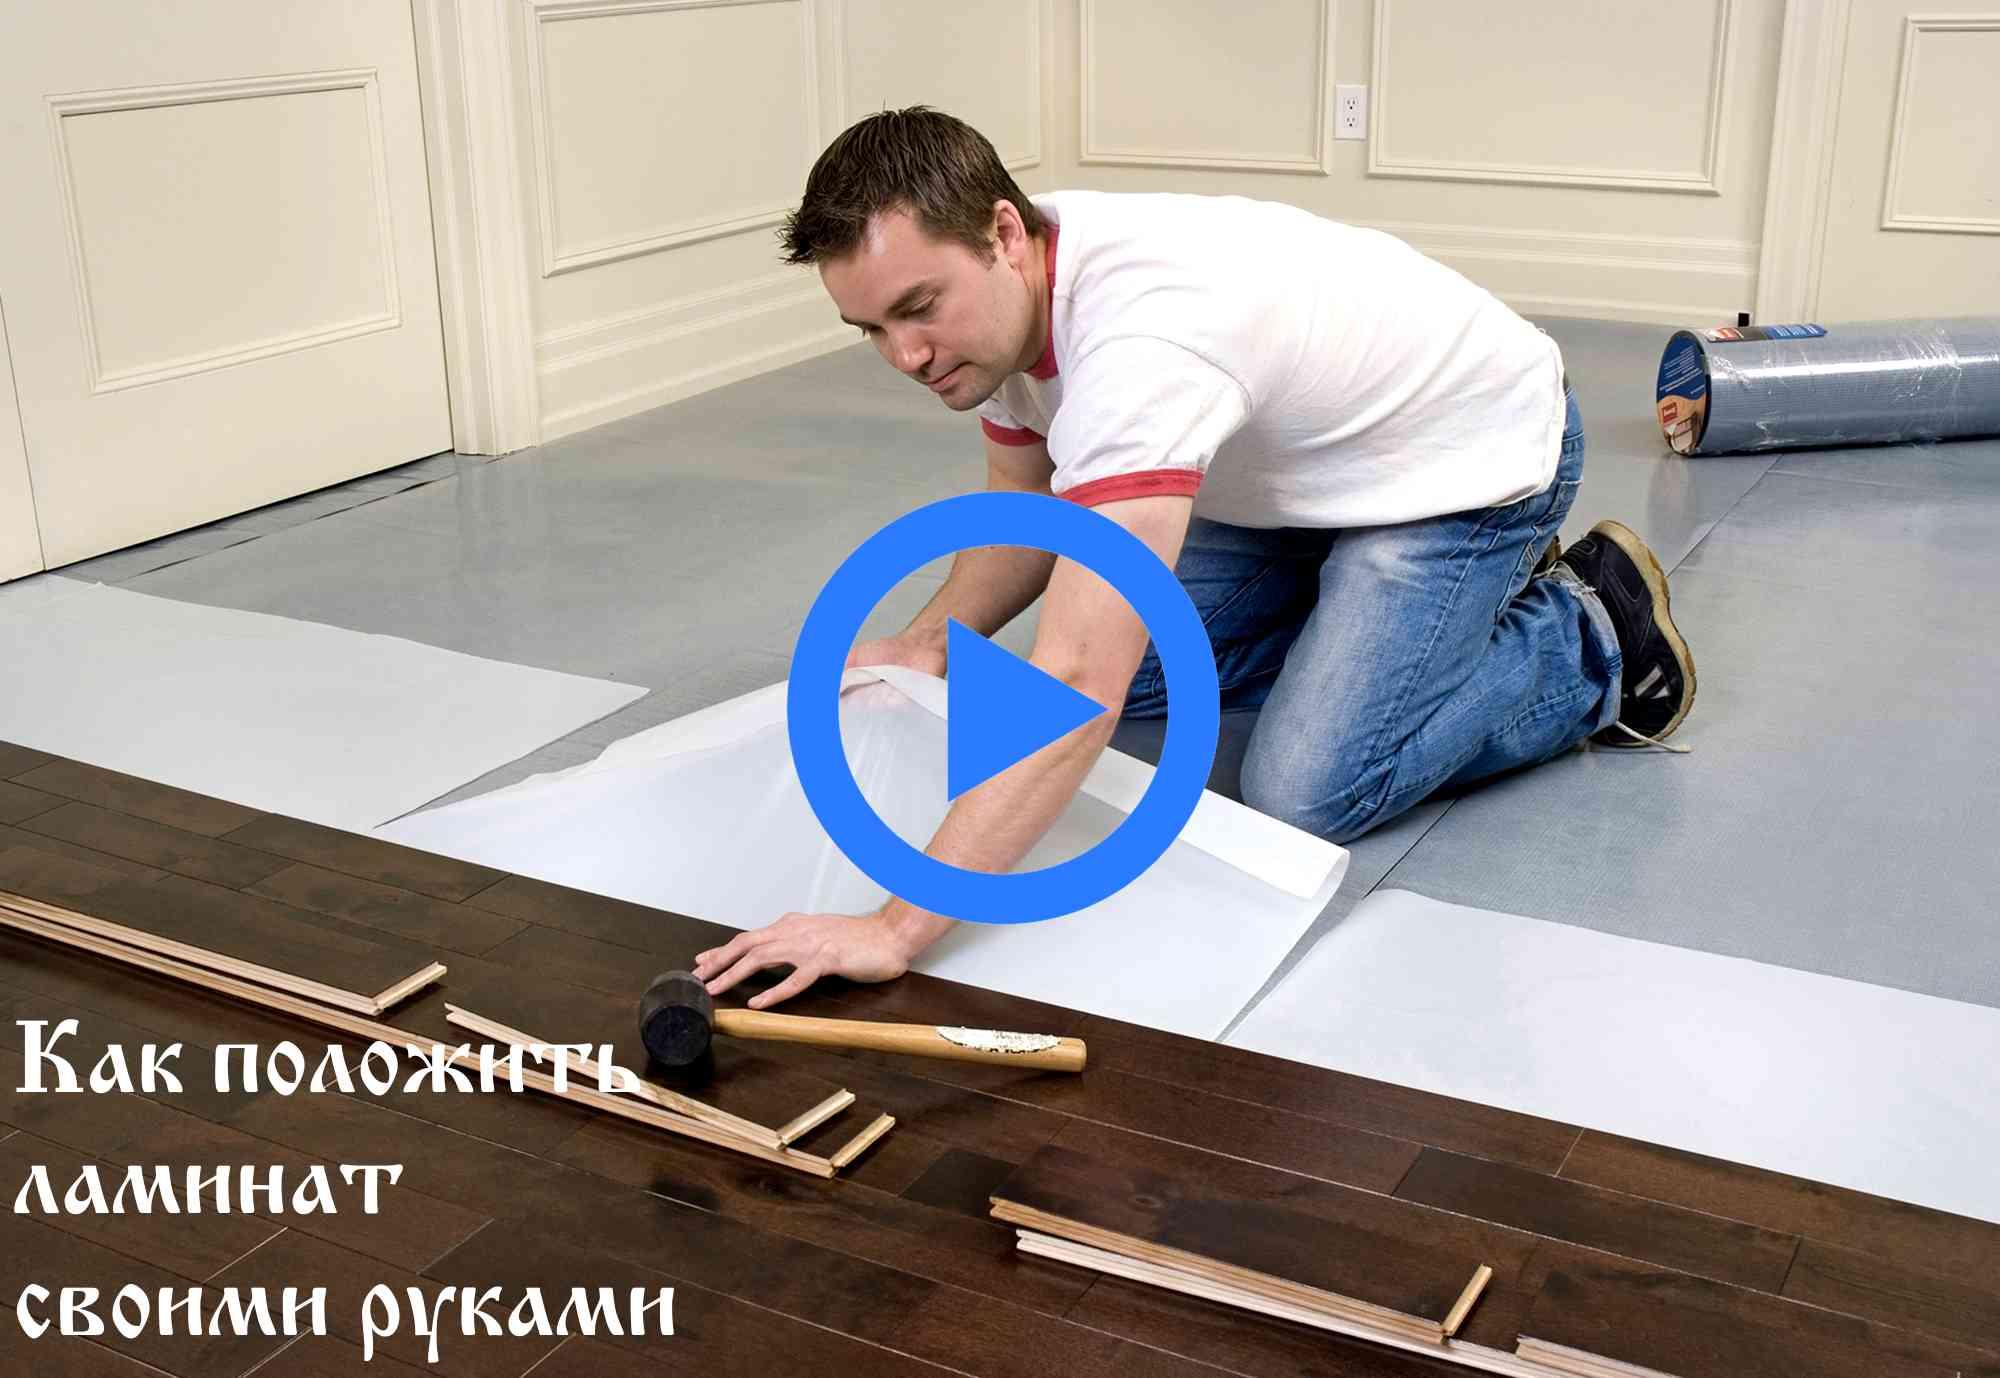 Как положить ламинат своими руками — видео обзор